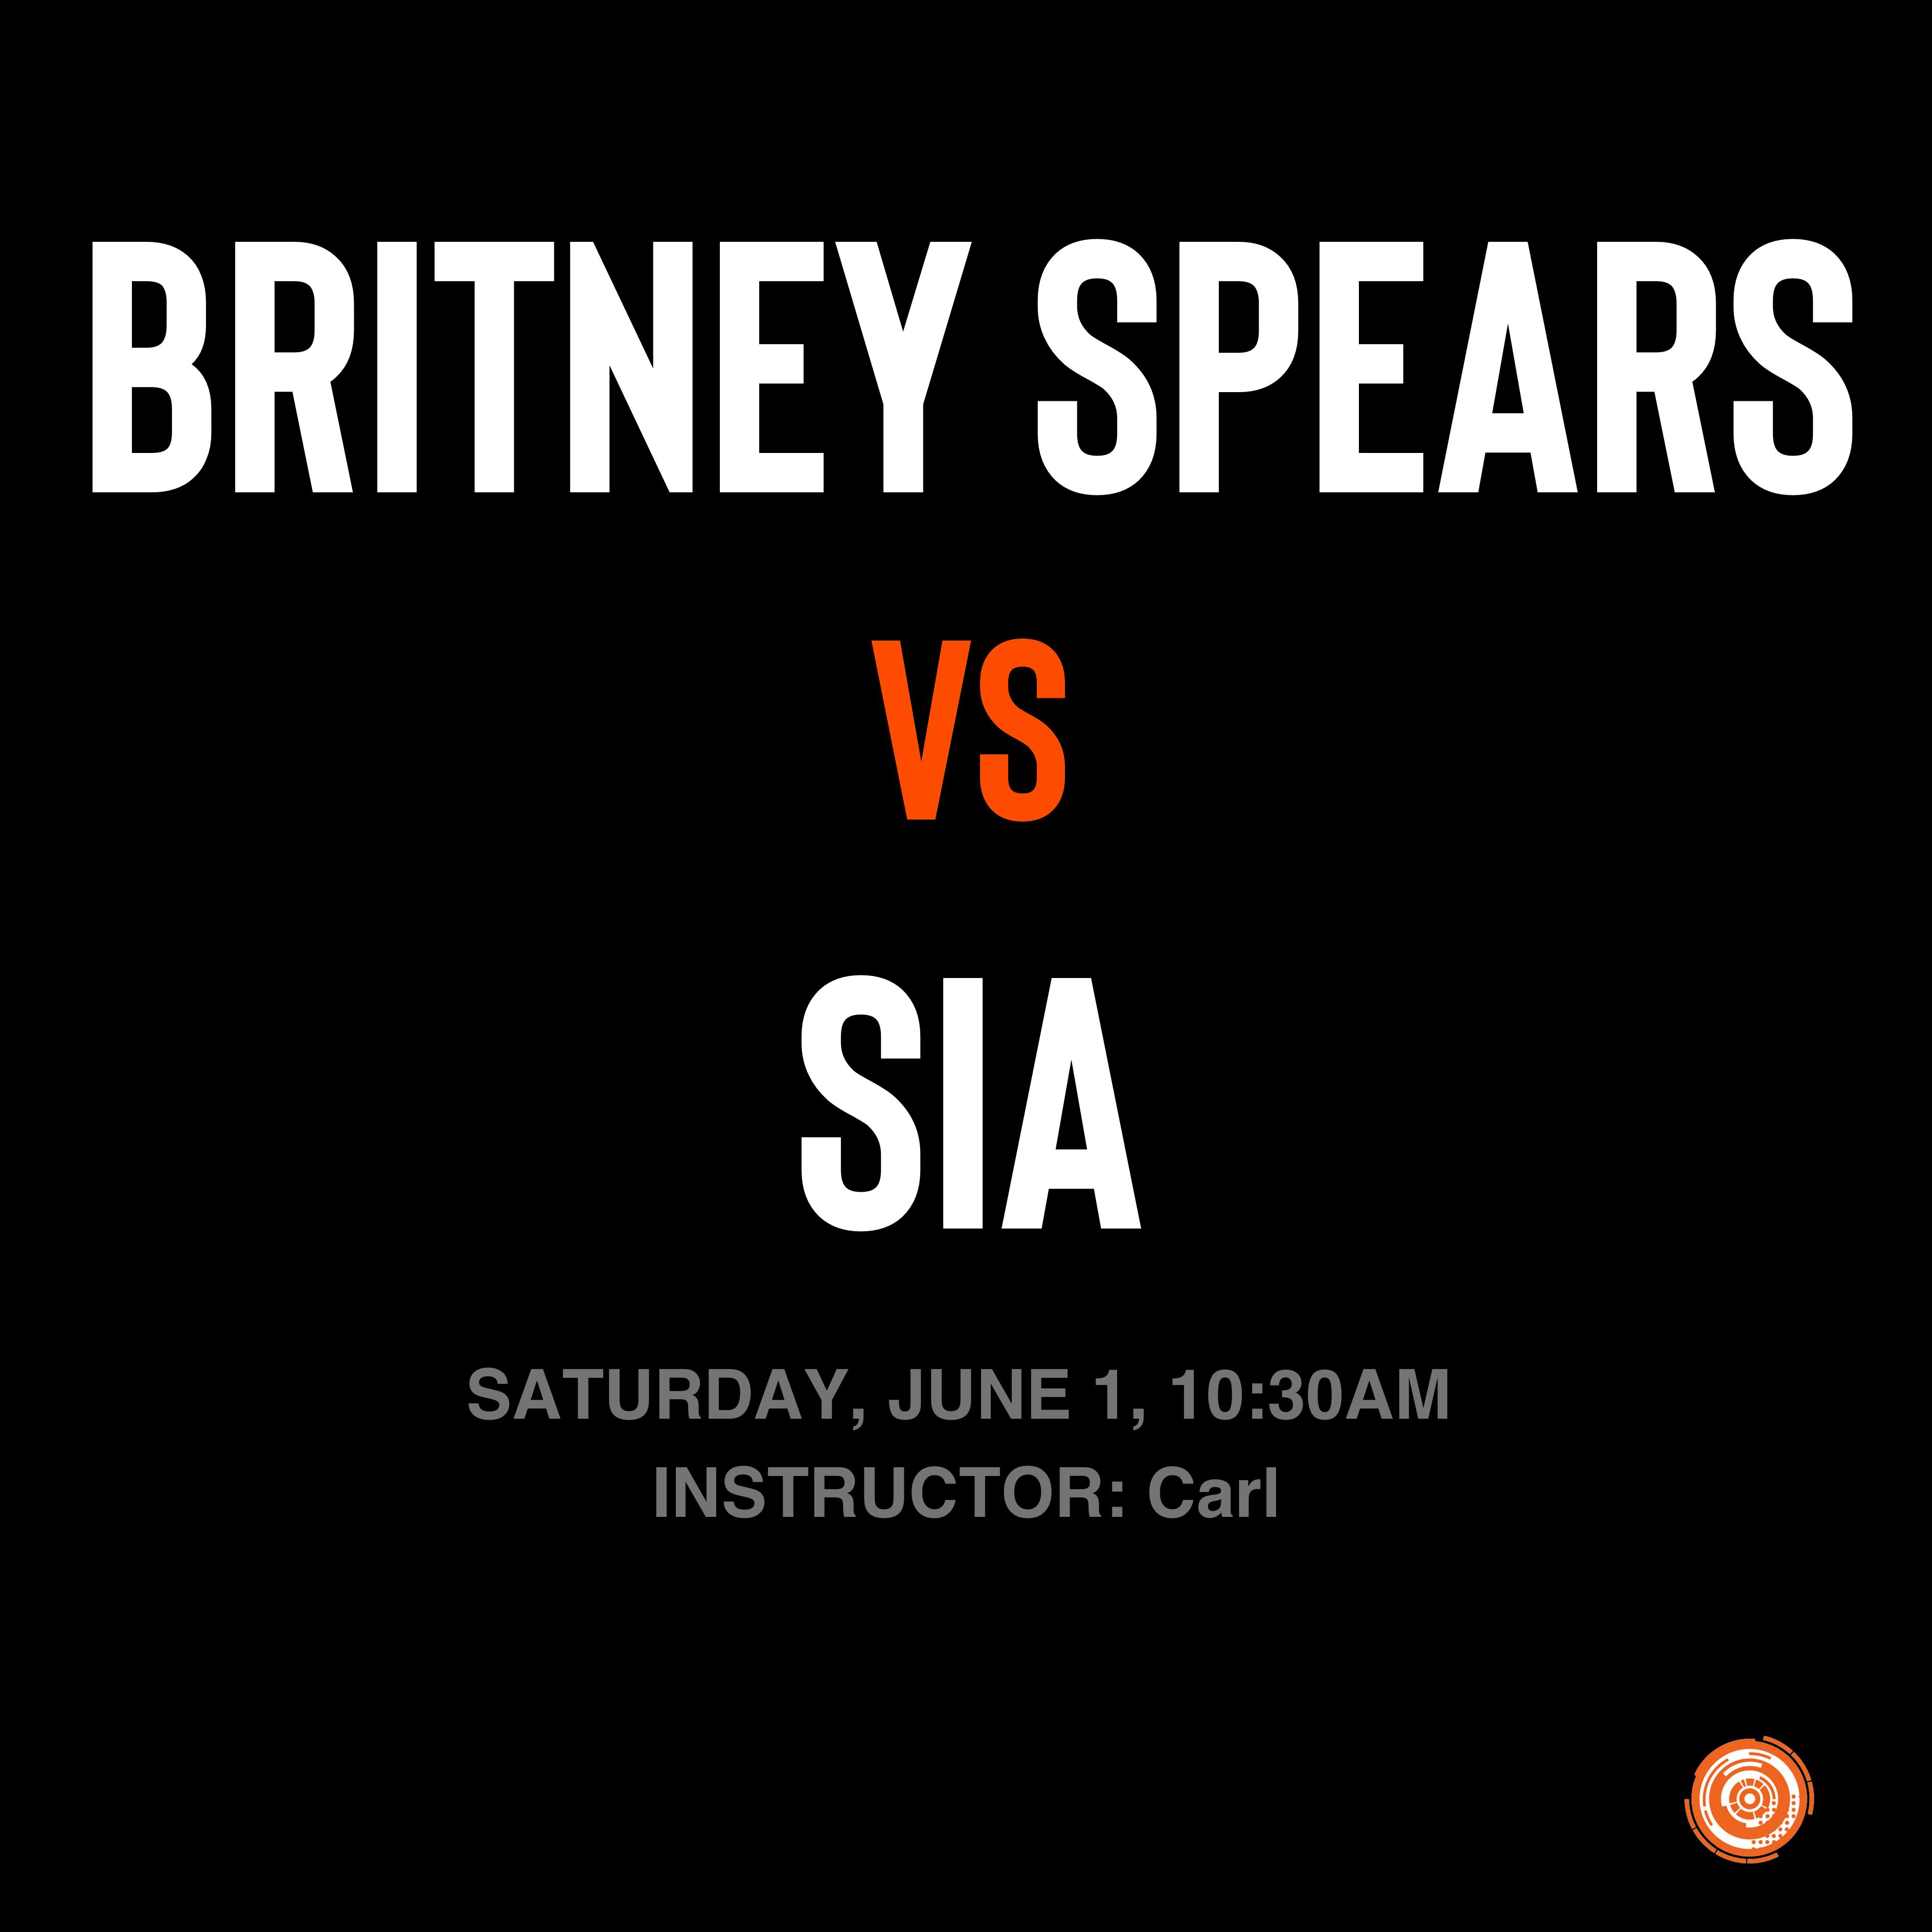 Britney Spears vs Sia